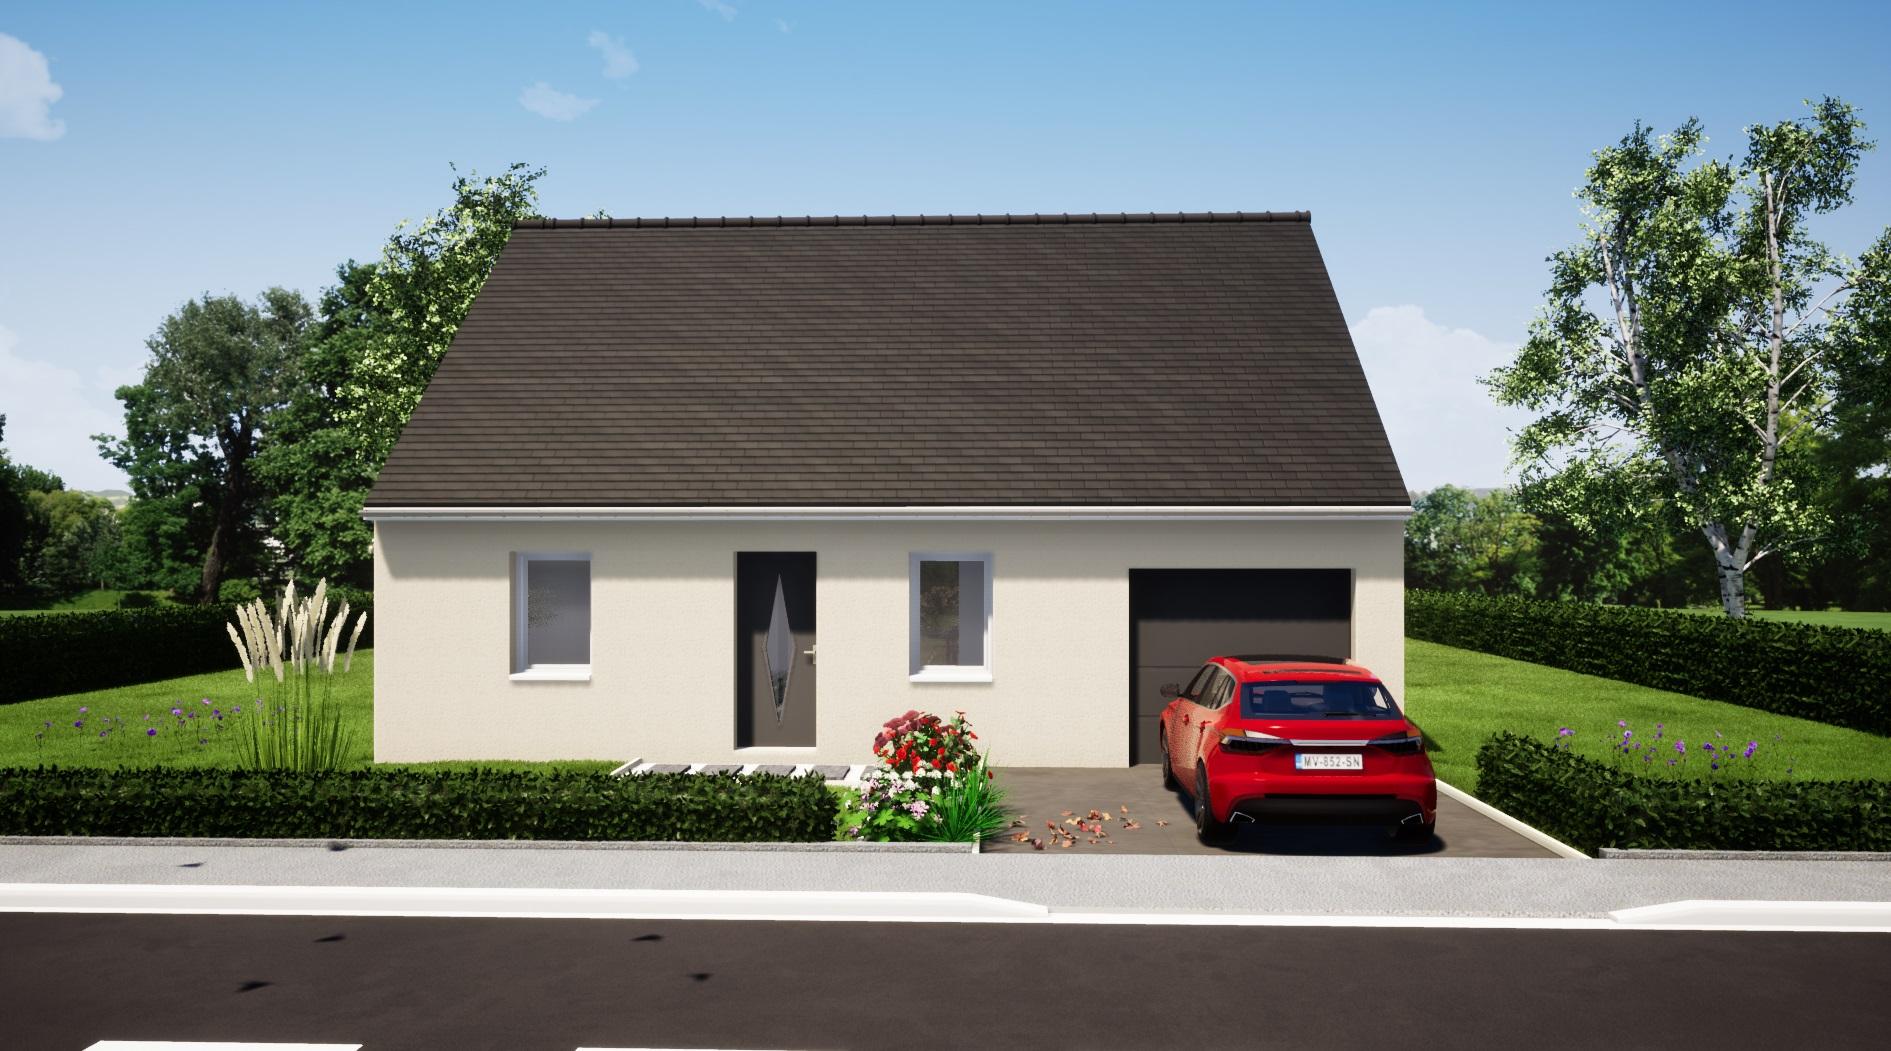 maison 2 chambres + garage plain pied maison lg en sarthe le mans, maison pas cher plan avant